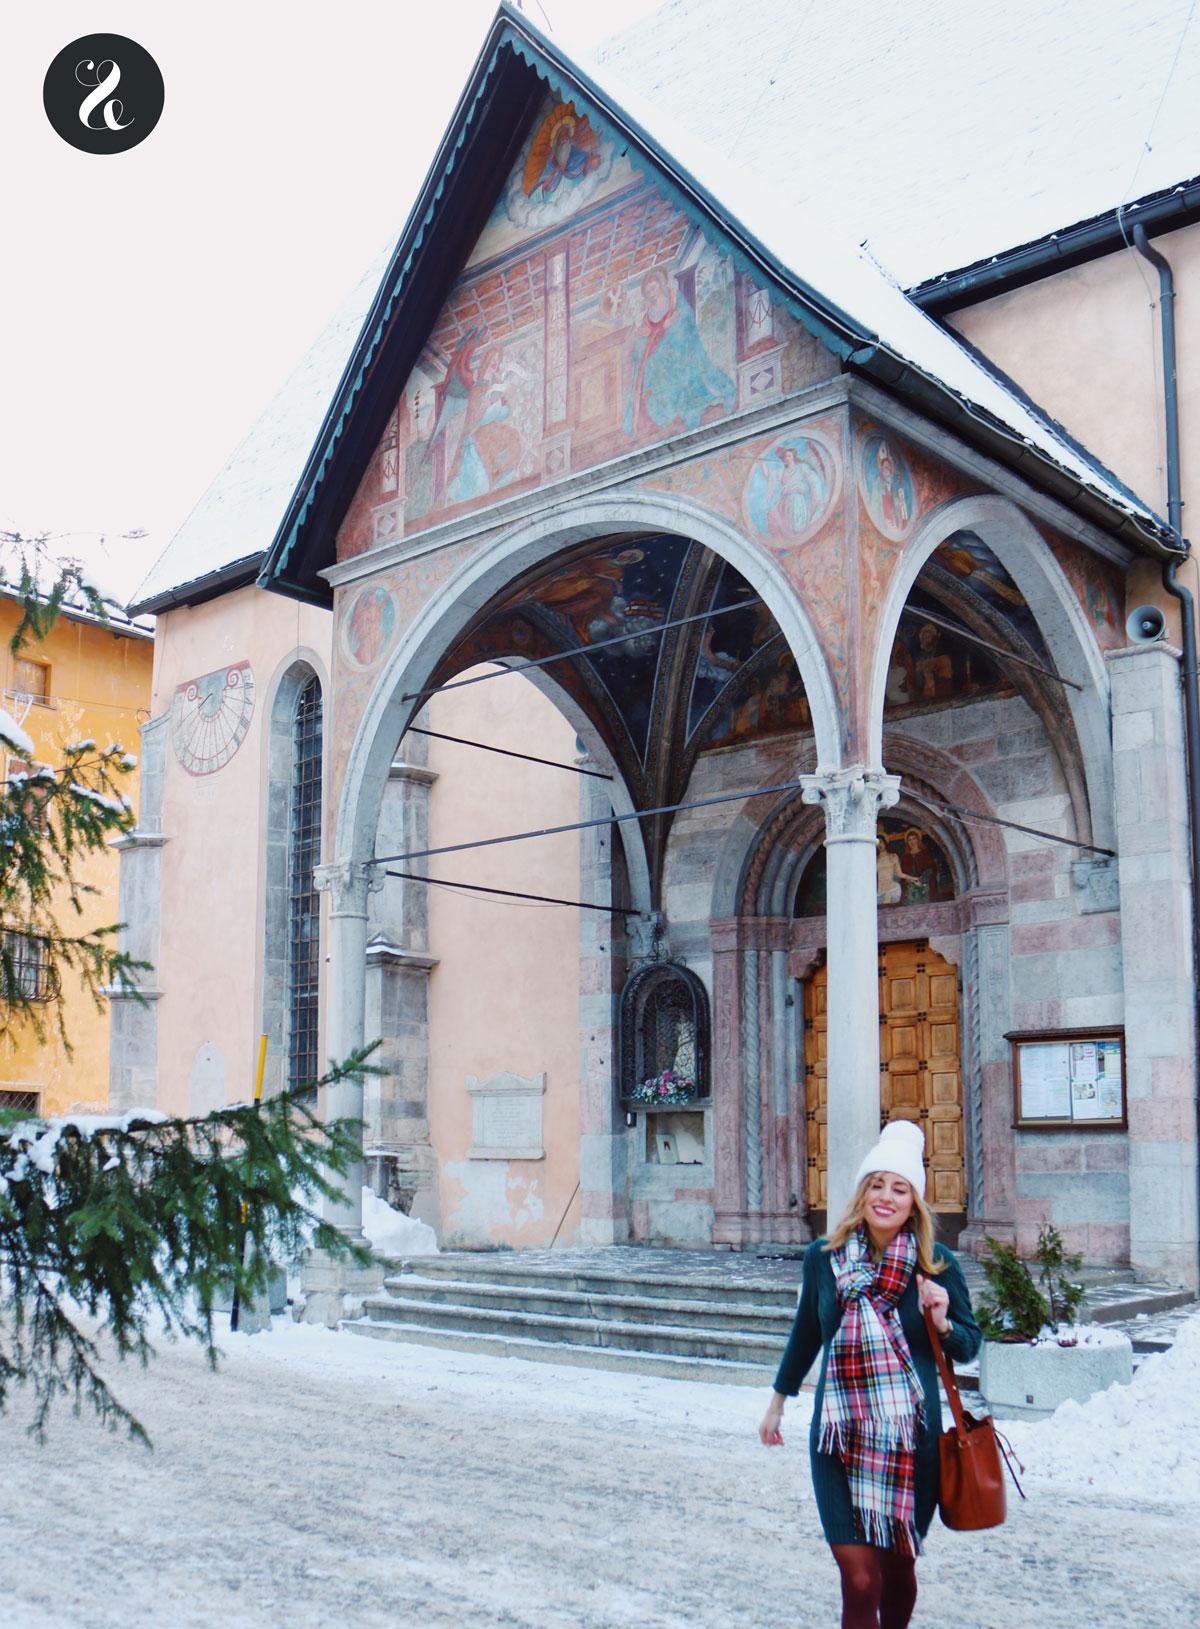 Iglesia en Pellizzano (Val di Sole, Trentino)